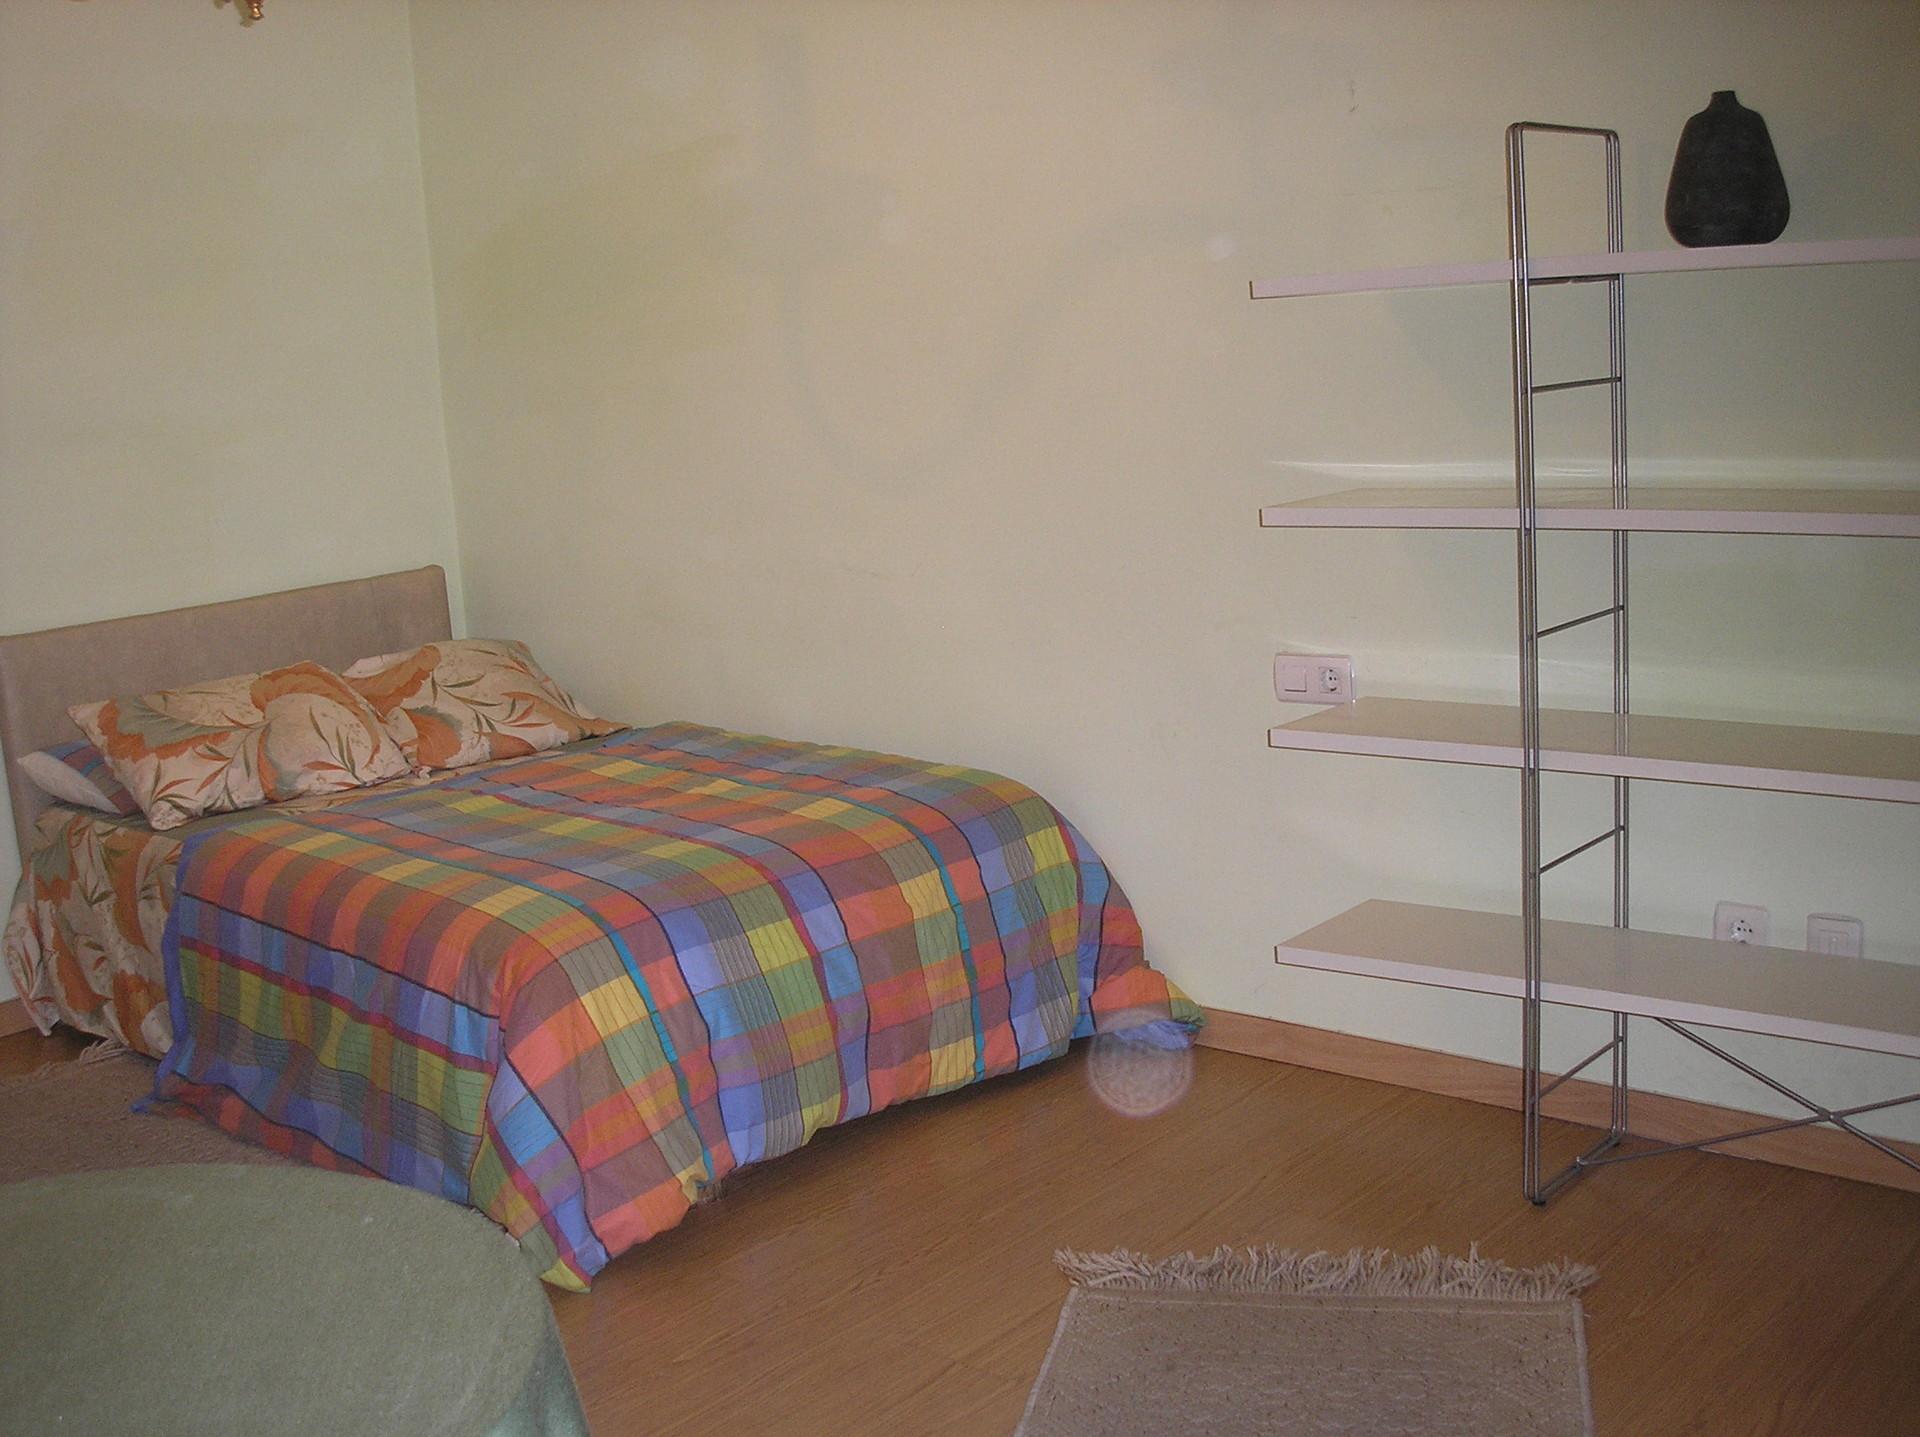 habitación amplia y luminosa  en piso  con ambiente tranquilo